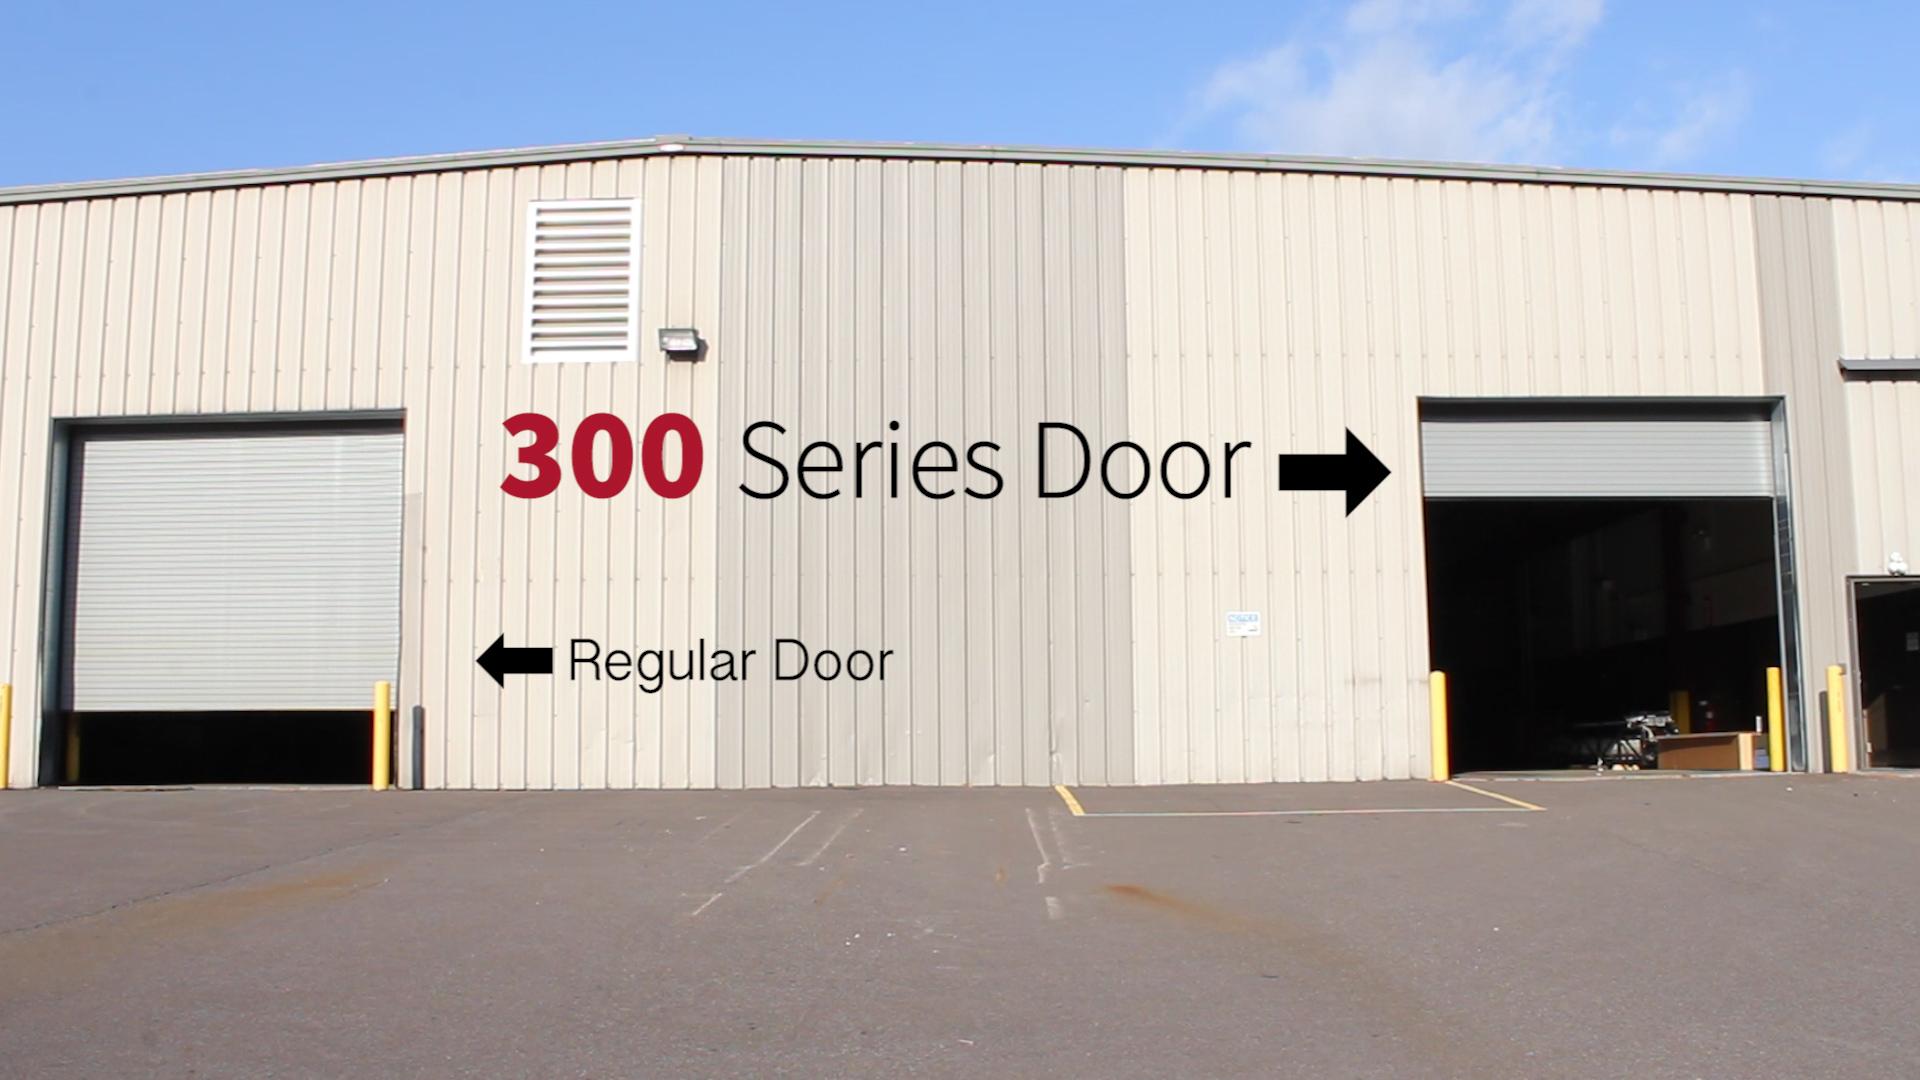 High Speed Overhead Door Extreme 300 Series Performance Rolling Door Promo